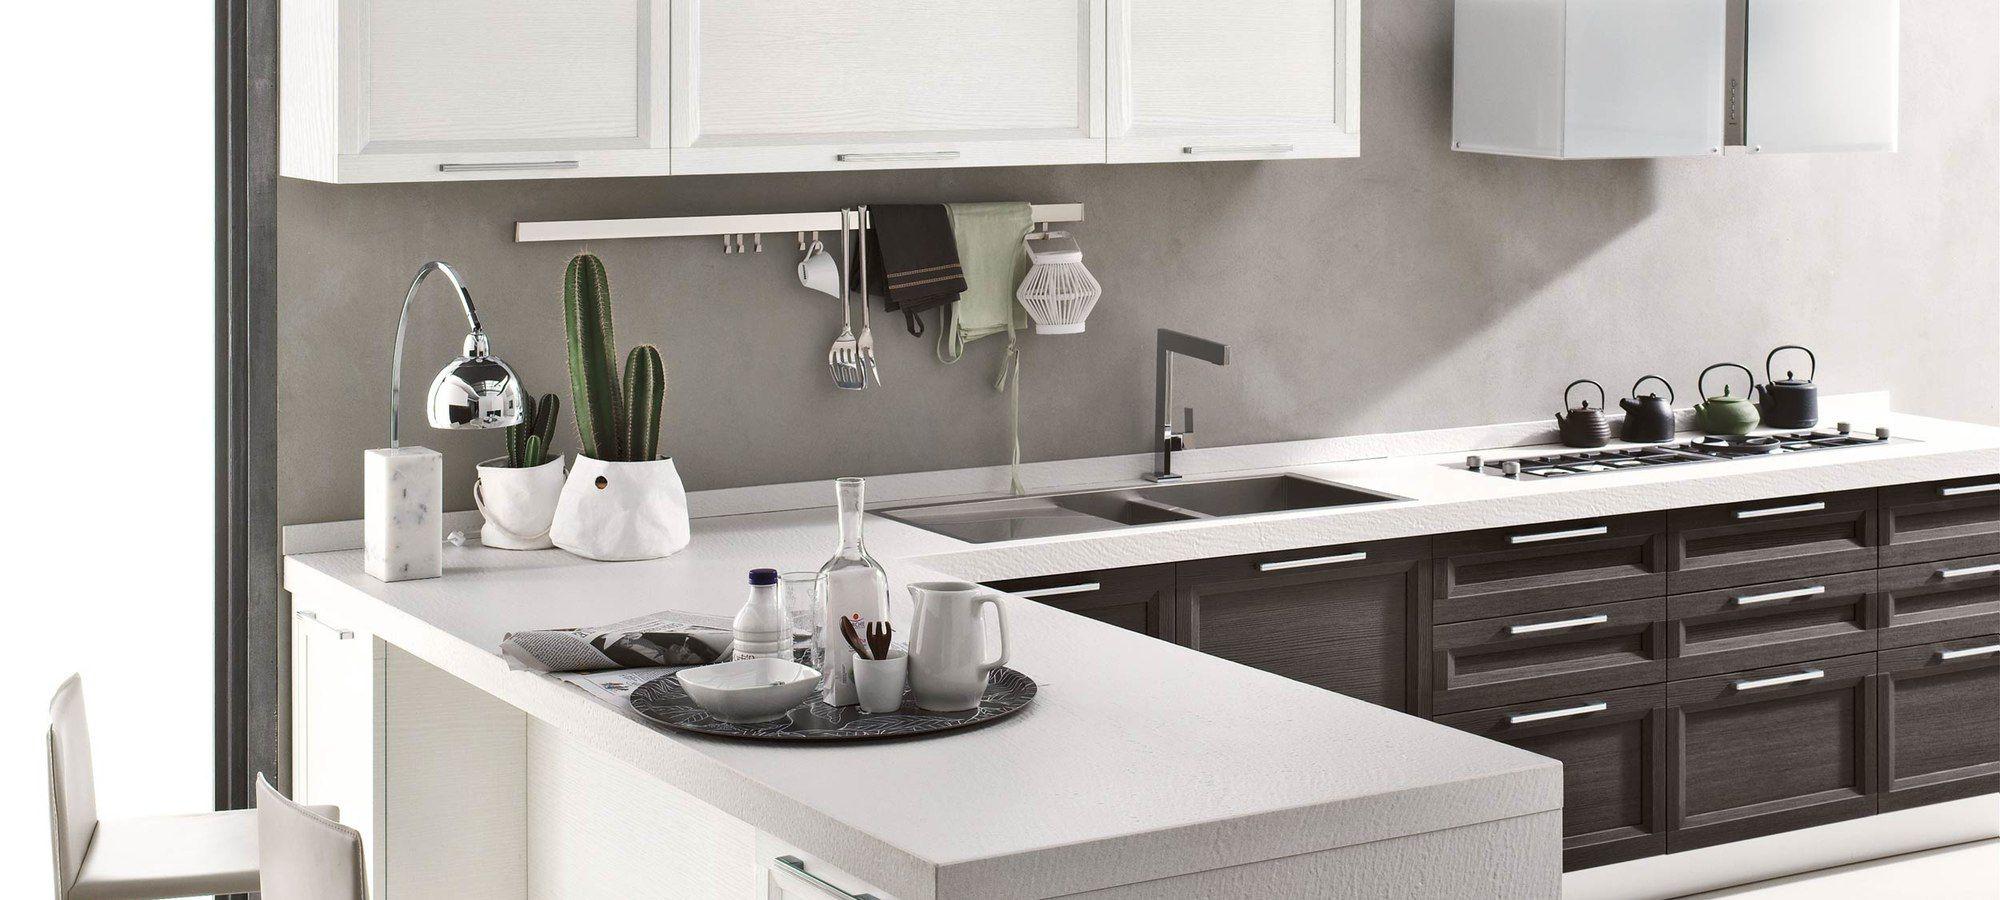 cucine moderne stosa - modello cucina malibù 02 | Interior ...